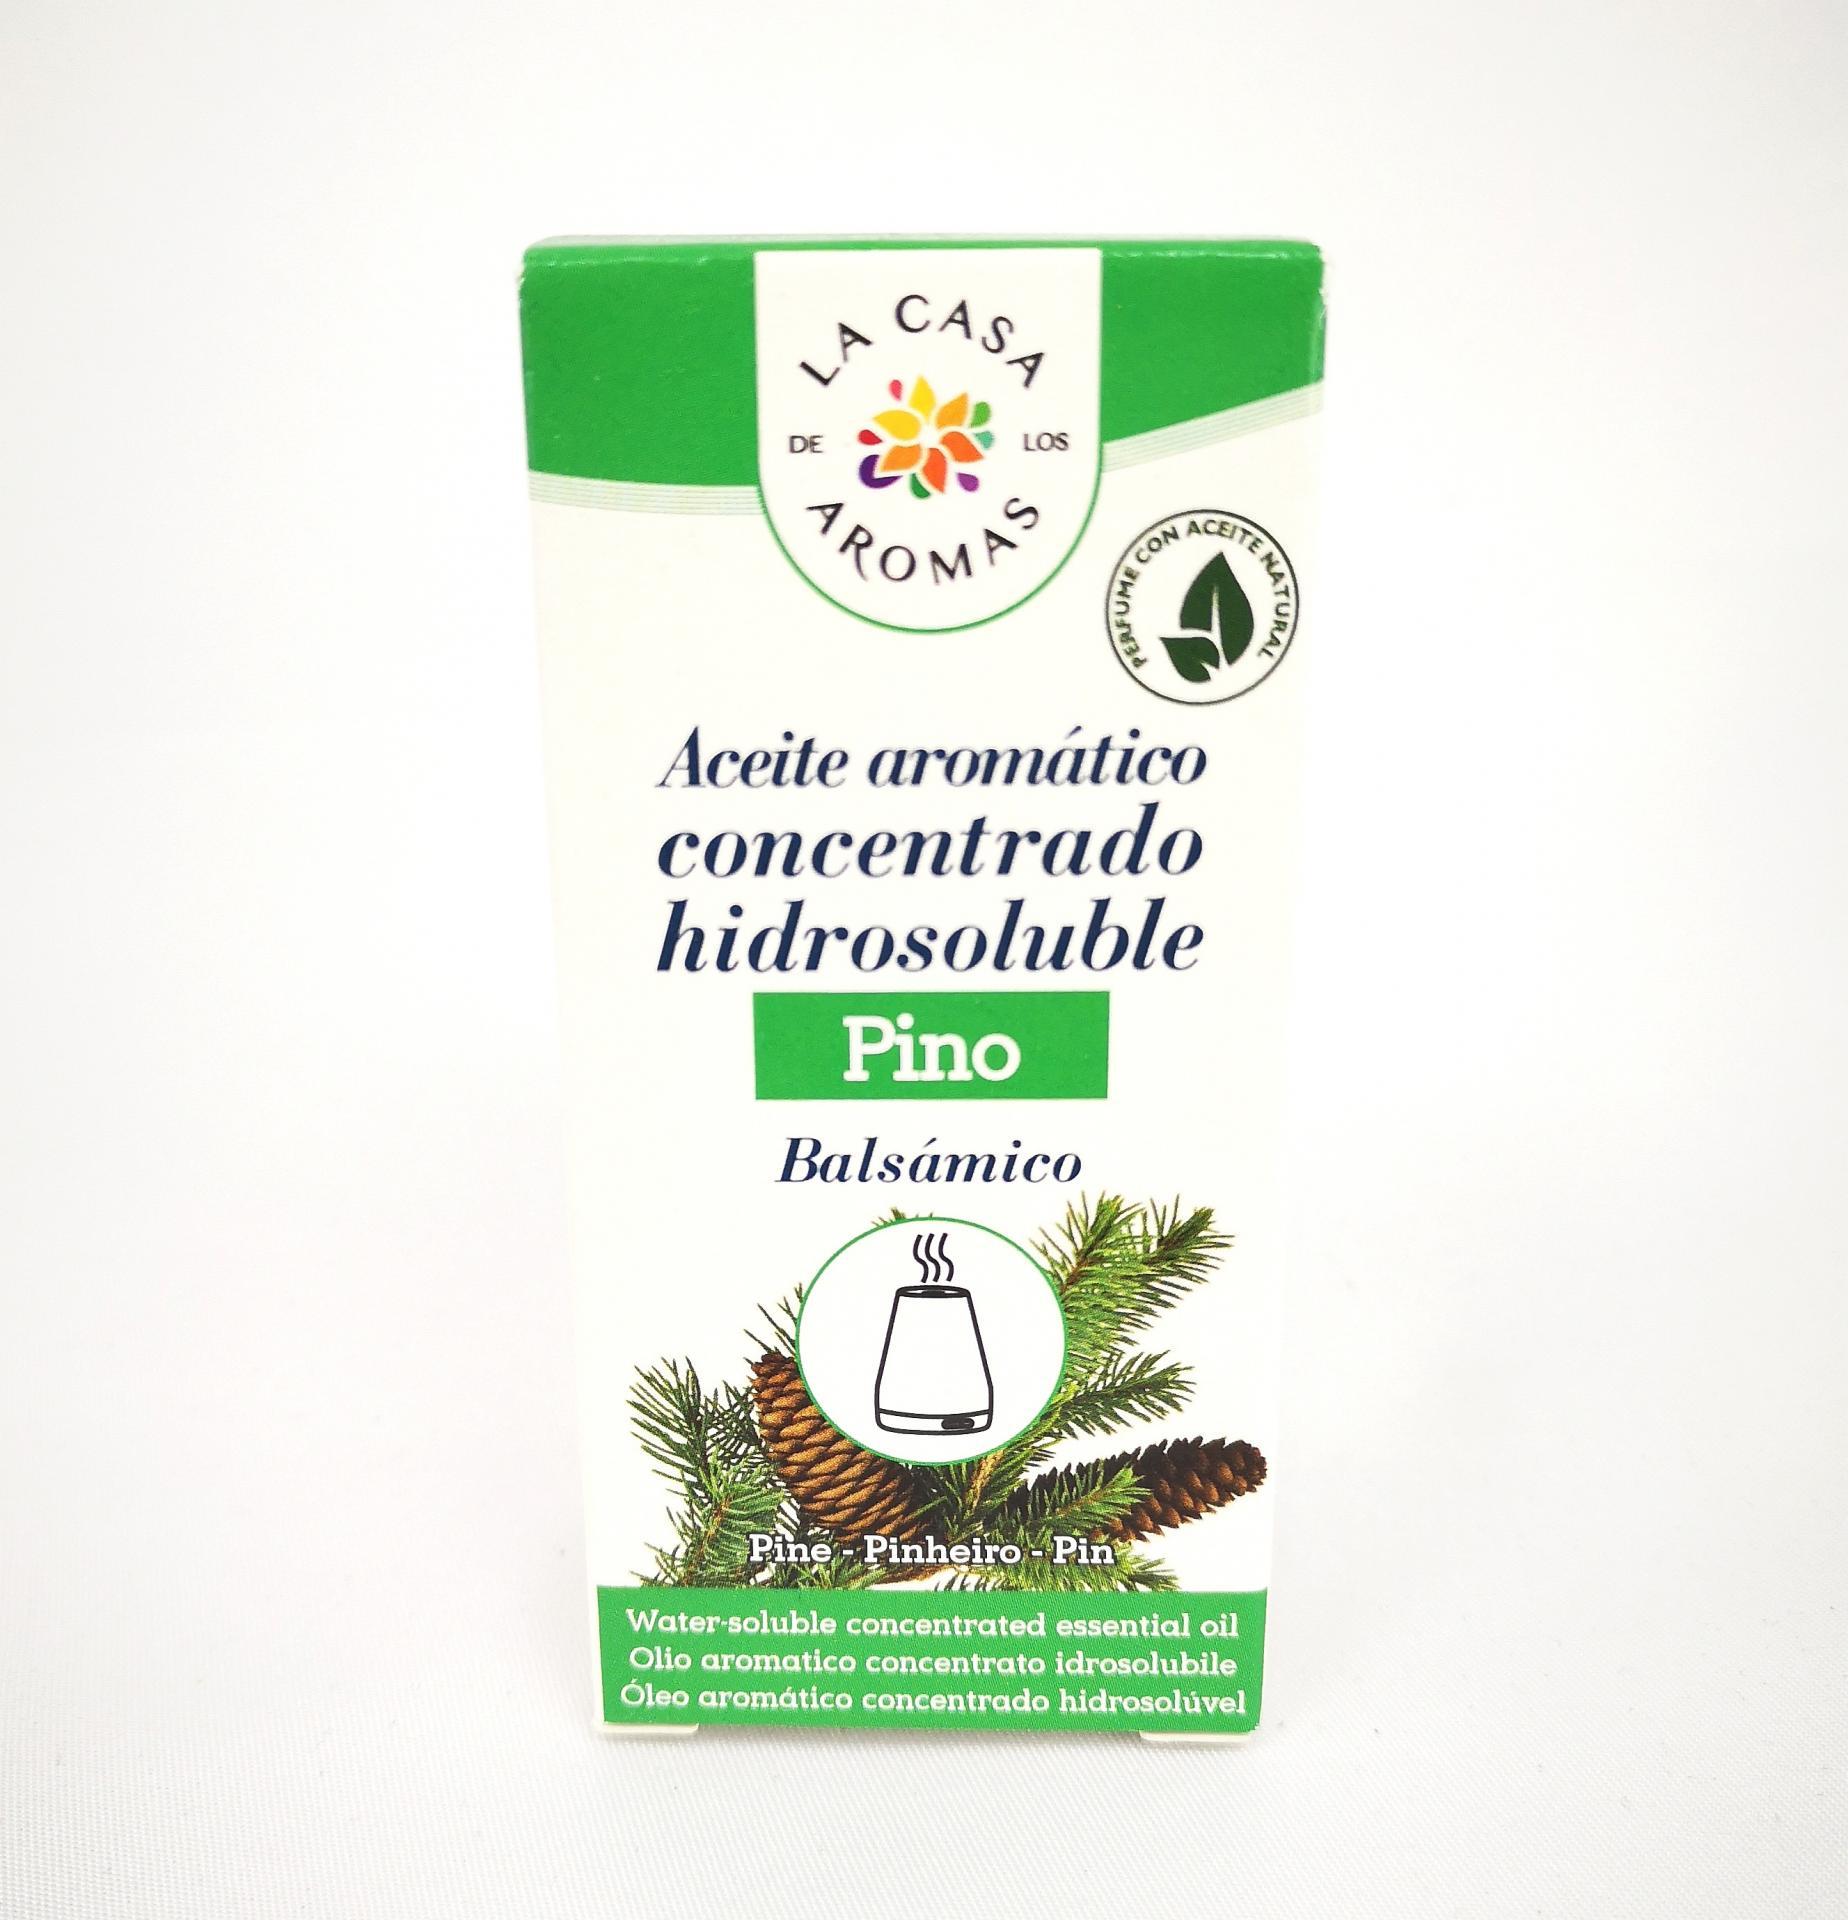 aceite pino para humidificador barato